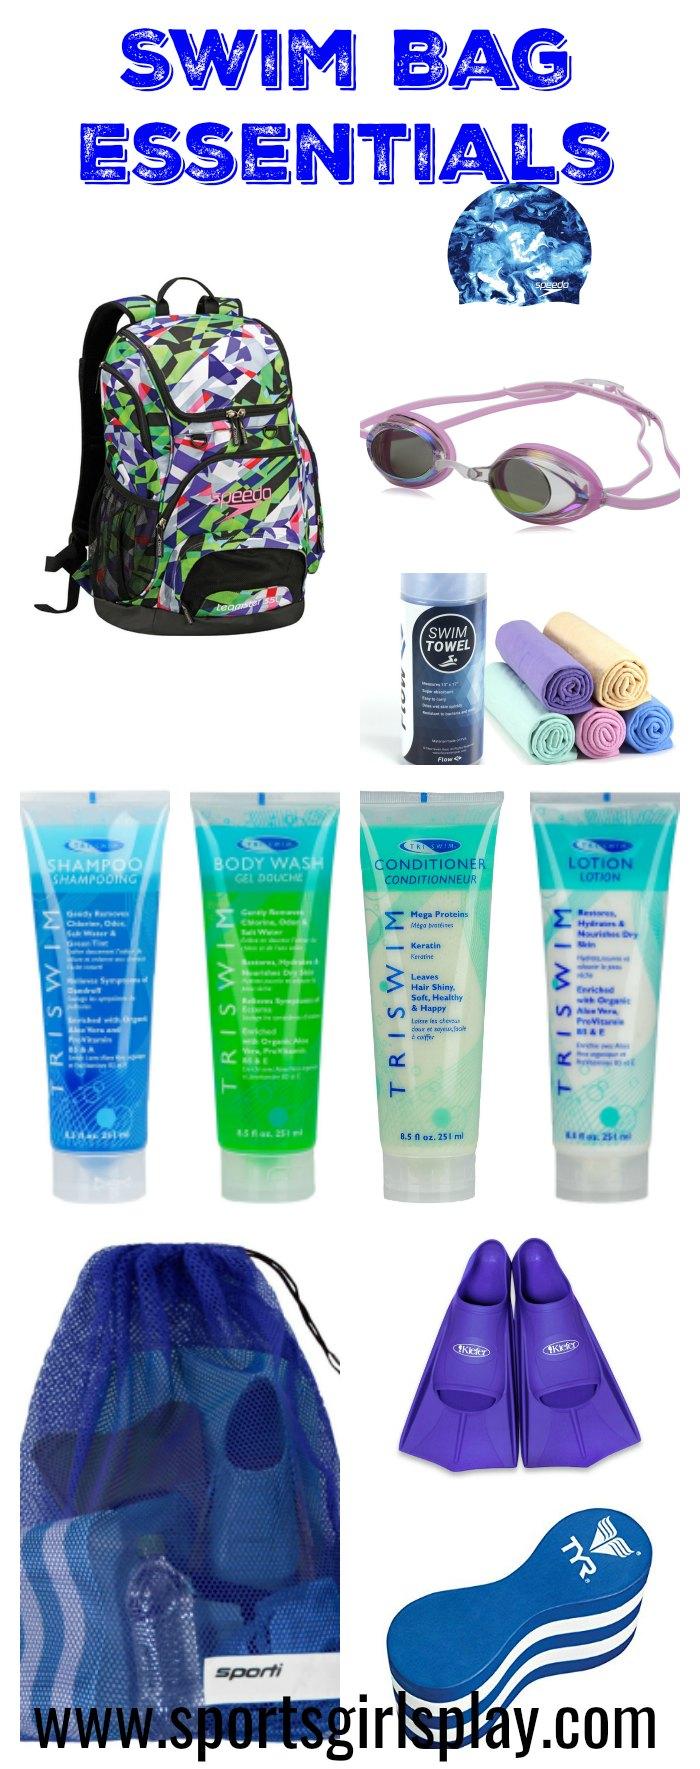 Swim Bag Essentials